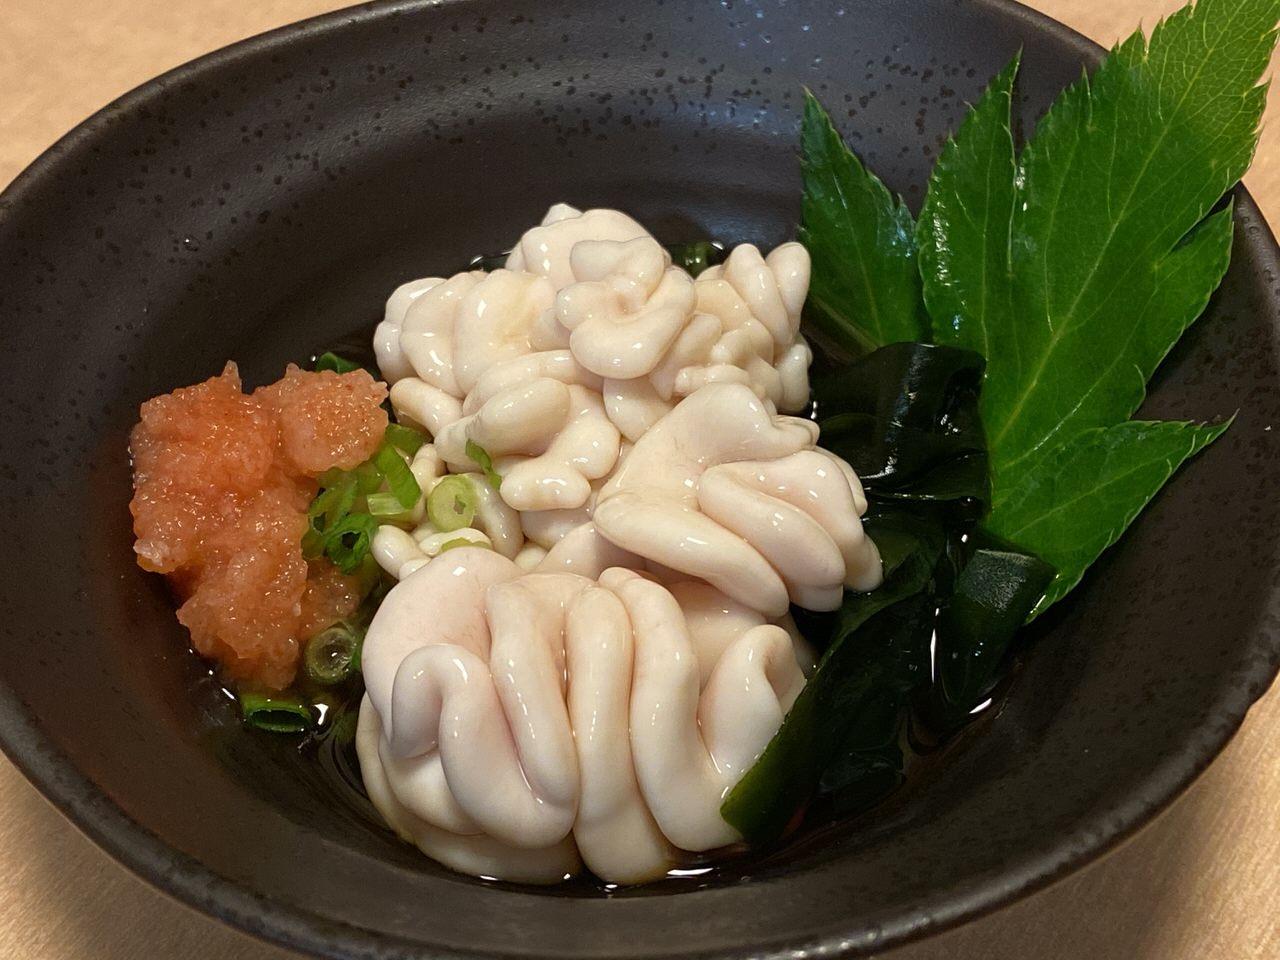 池袋「八丈島」明日葉の天ぷら&島寿司 11